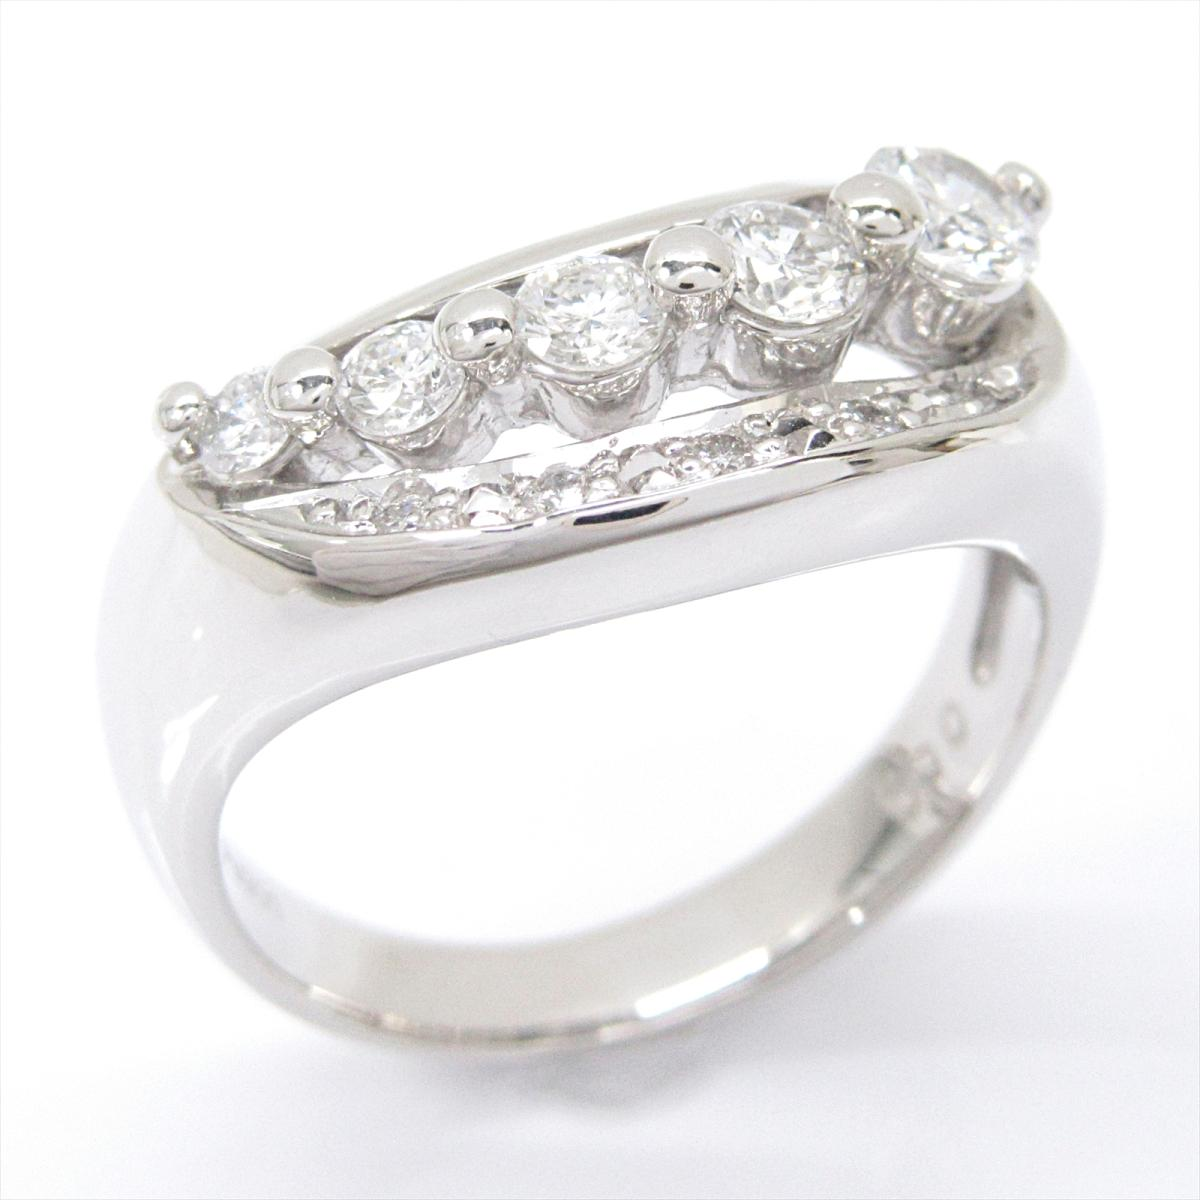 【中古】 ジュエリー ダイヤモンドリング 指輪 レディース PT900 プラチナ x ダイヤモンド (0.50ct)   JEWELRY BRANDOFF ブランドオフ ブランド アクセサリー リング